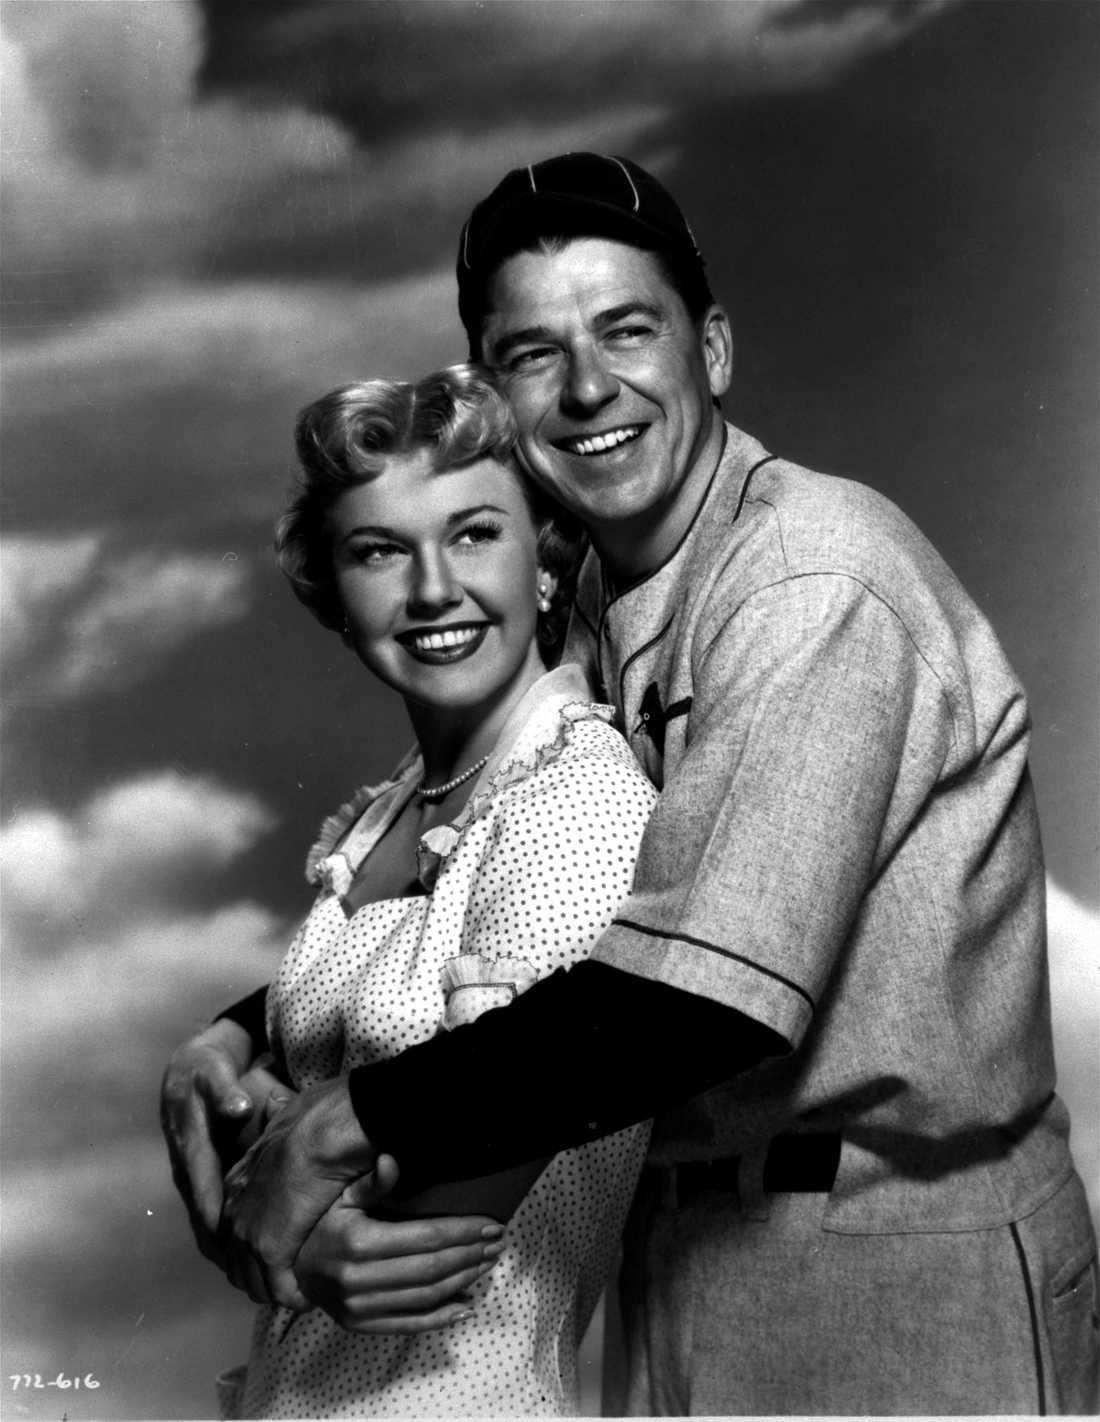 """Doris Day och Ronald Reagan (som senare blev USA:s president) i """"The winning team"""" 1952."""